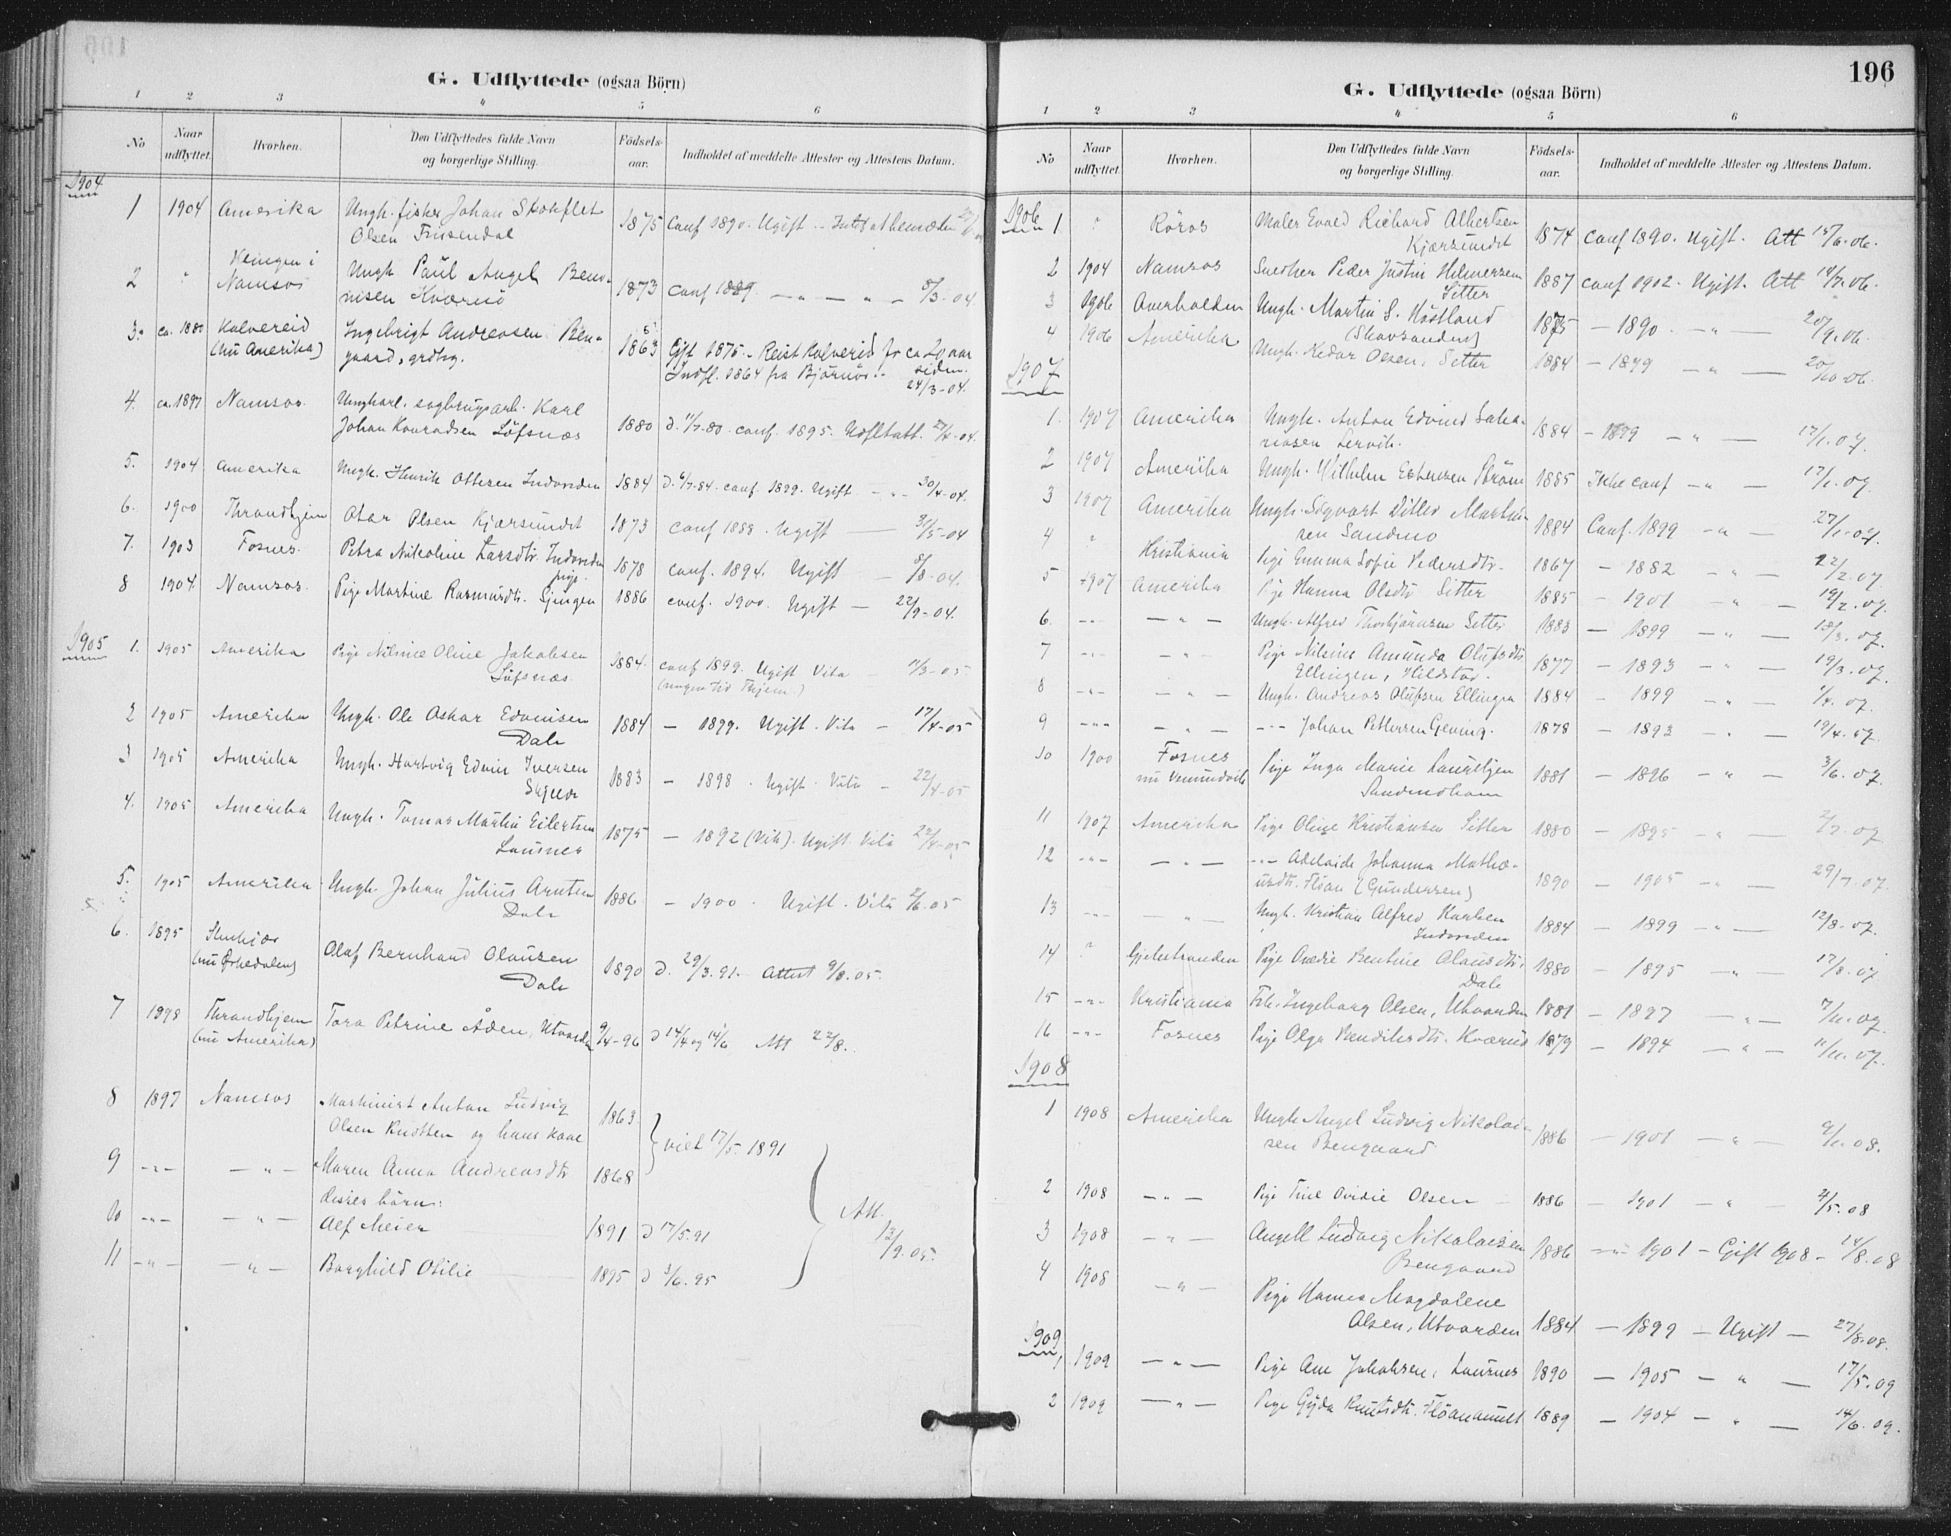 SAT, Ministerialprotokoller, klokkerbøker og fødselsregistre - Nord-Trøndelag, 772/L0603: Ministerialbok nr. 772A01, 1885-1912, s. 196